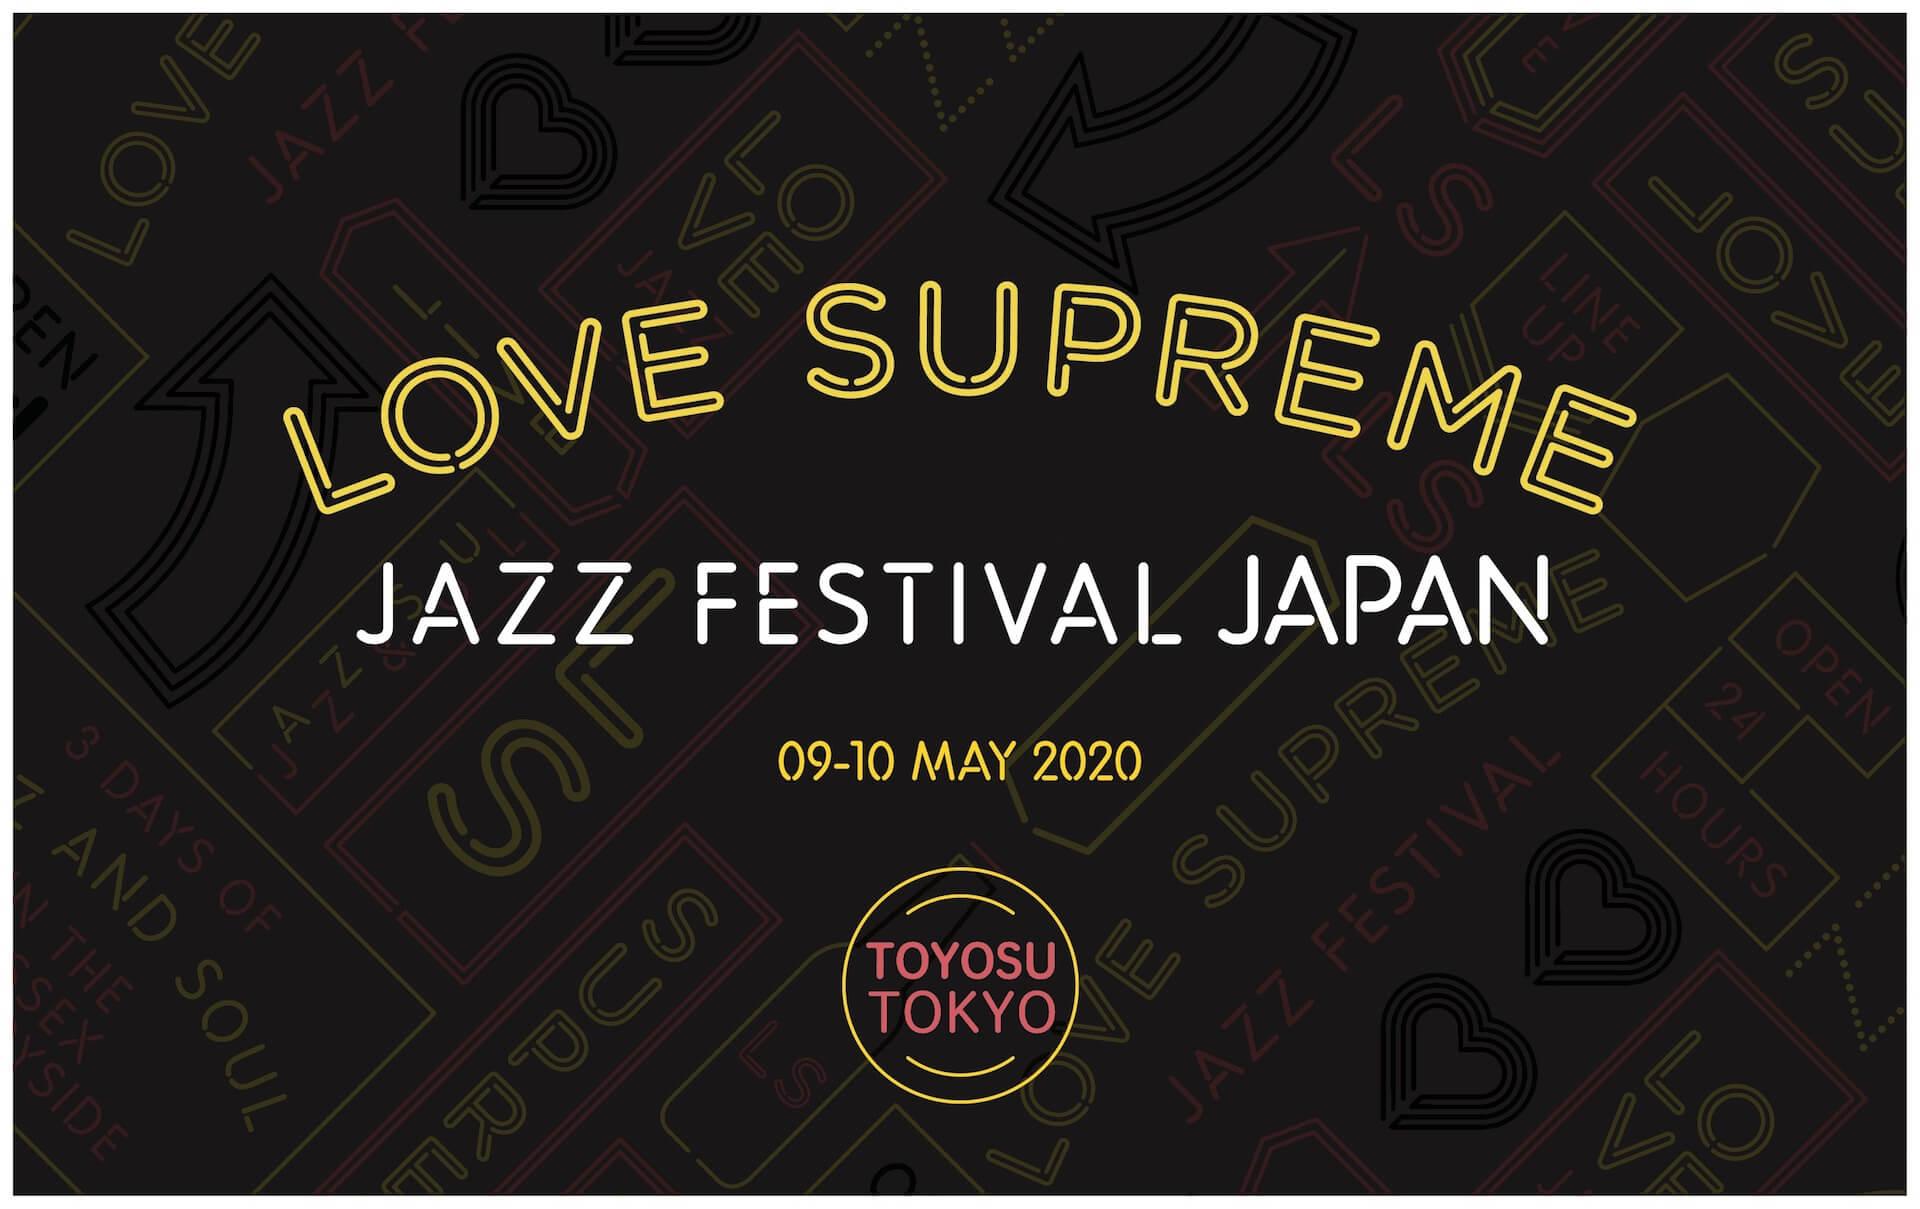 ロバート・グラスパー、<LOVE SUPREME JAZZ FESTIVAL>に降臨!ヨーロッパ最大のジャズフェスが2020年5月に日本開催決定 music191220_lovesupreme_jazzfes_2